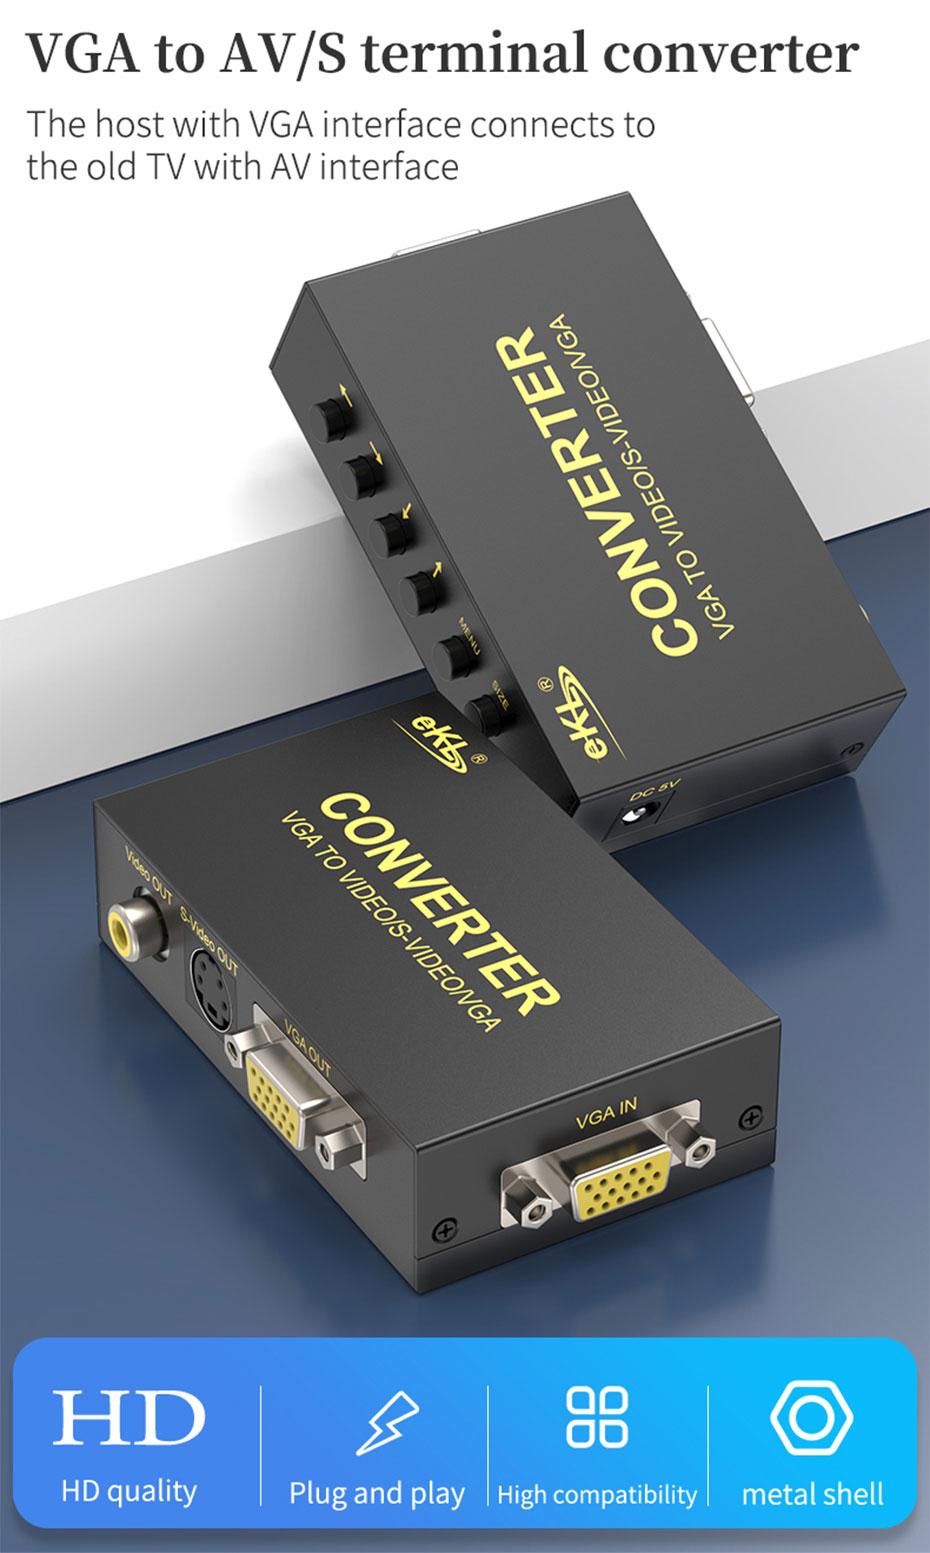 VGA to AV/S terminal converter 1801